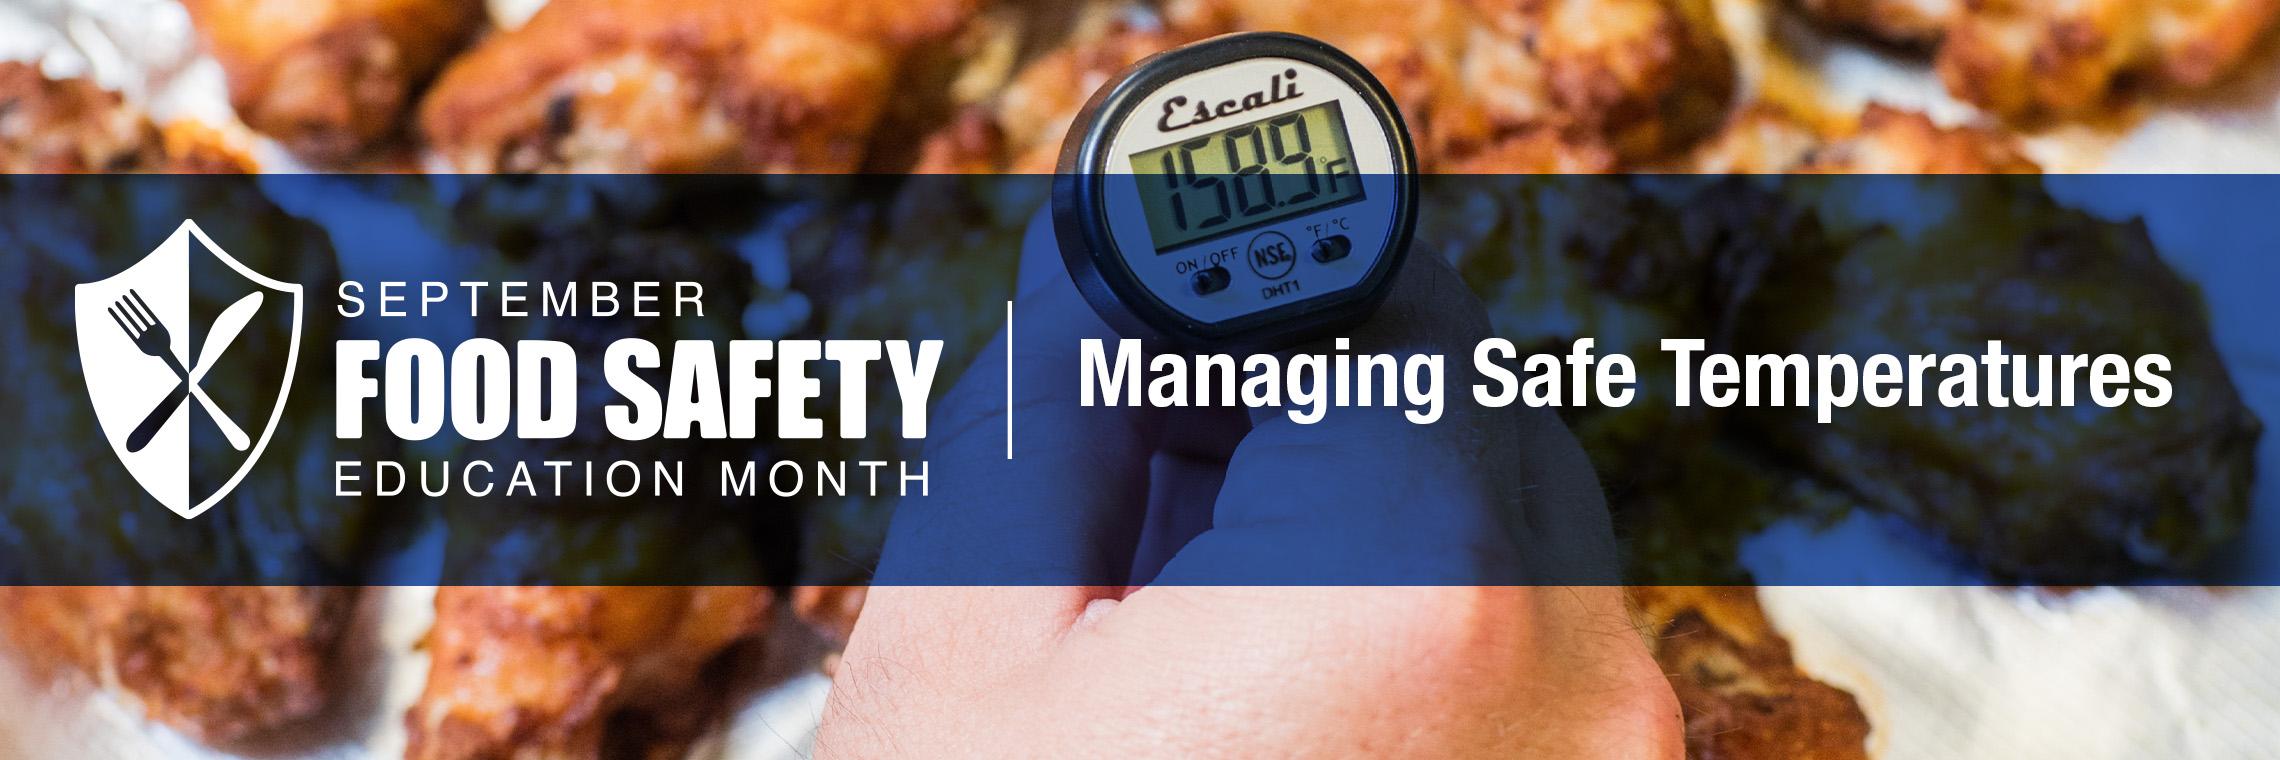 Managing Safe Temperatures